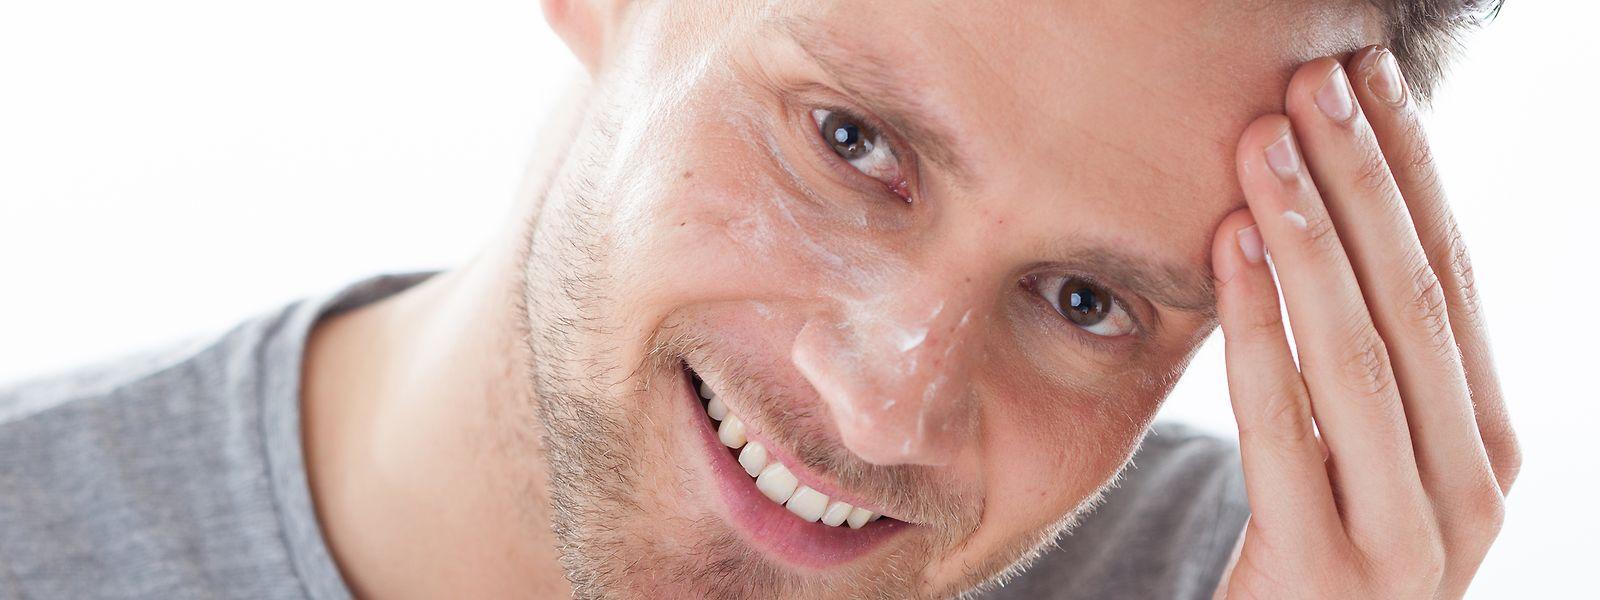 Männerhaut ist fester und robuster als die der Frau  - und braucht daher (meist) eigene Pflegeprodukte.